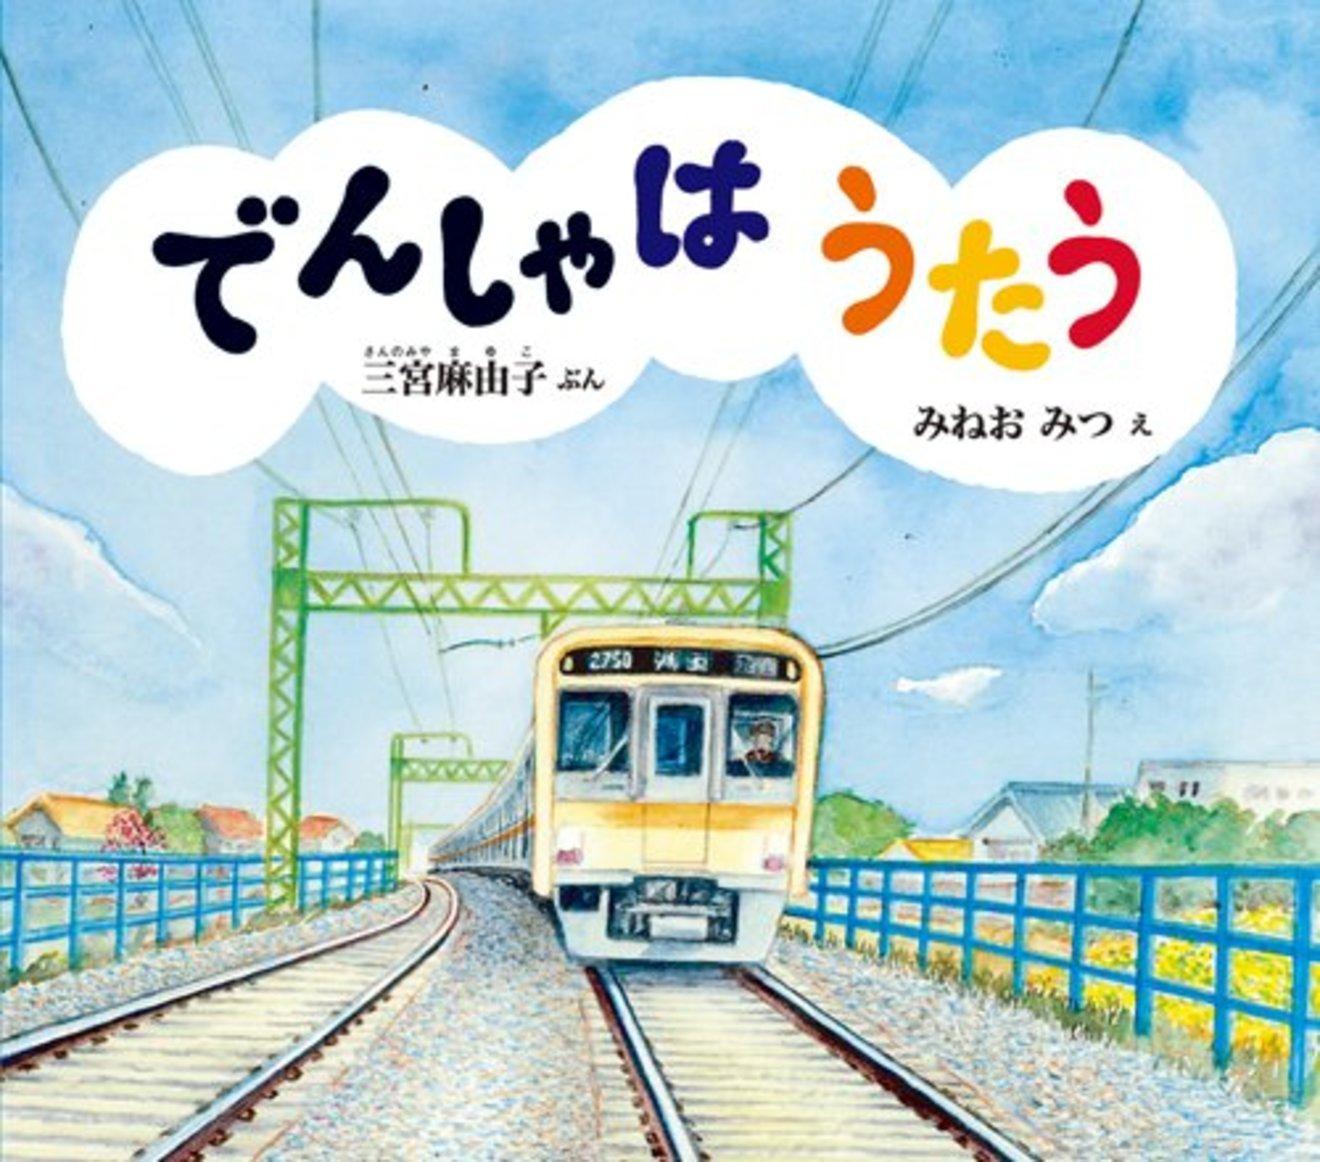 電車好きな子どもにおすすめの絵本5選!繰り返し読みたくなる作品